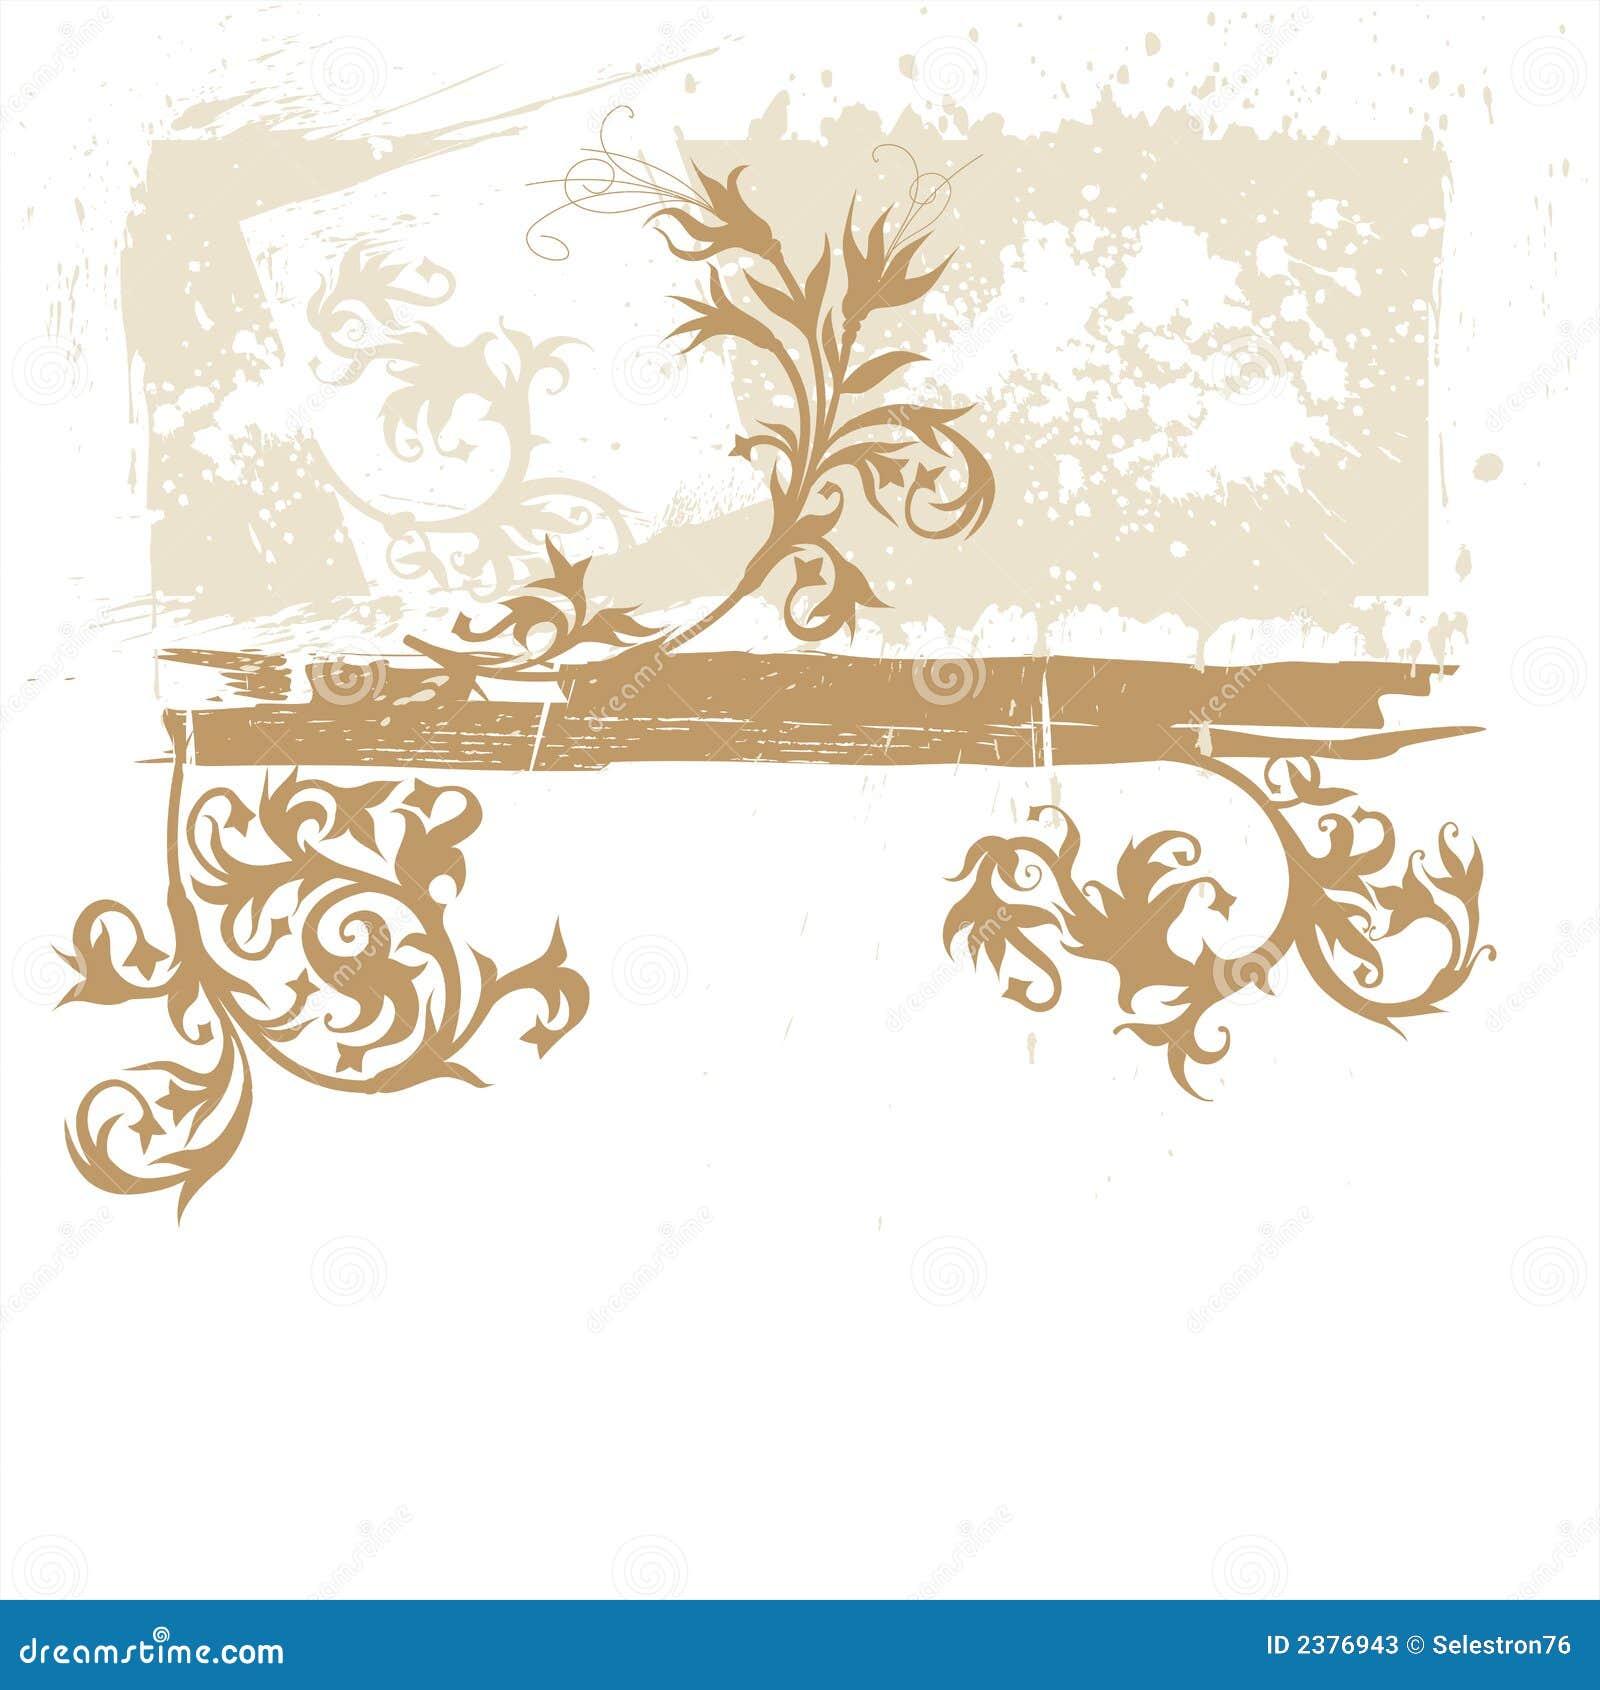 Calligraphy Grunge Background Stock Photos Image 2376943